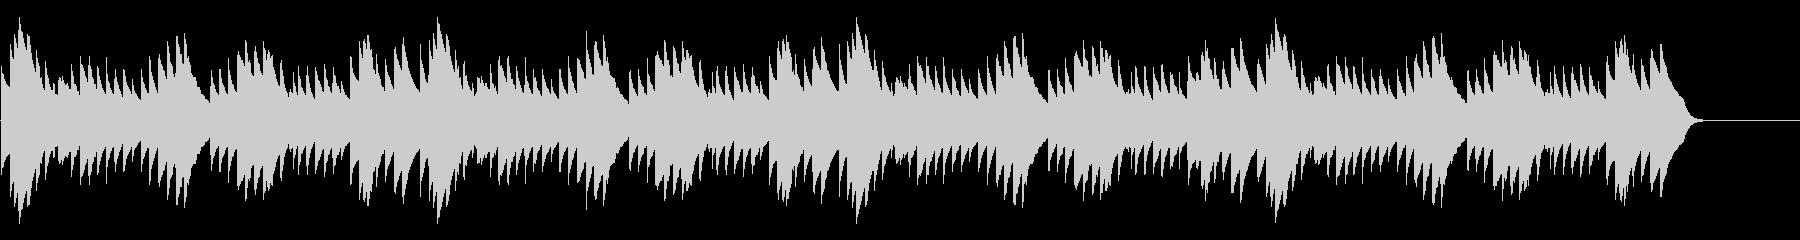 シャボン玉・速い 16bit48kHzの未再生の波形